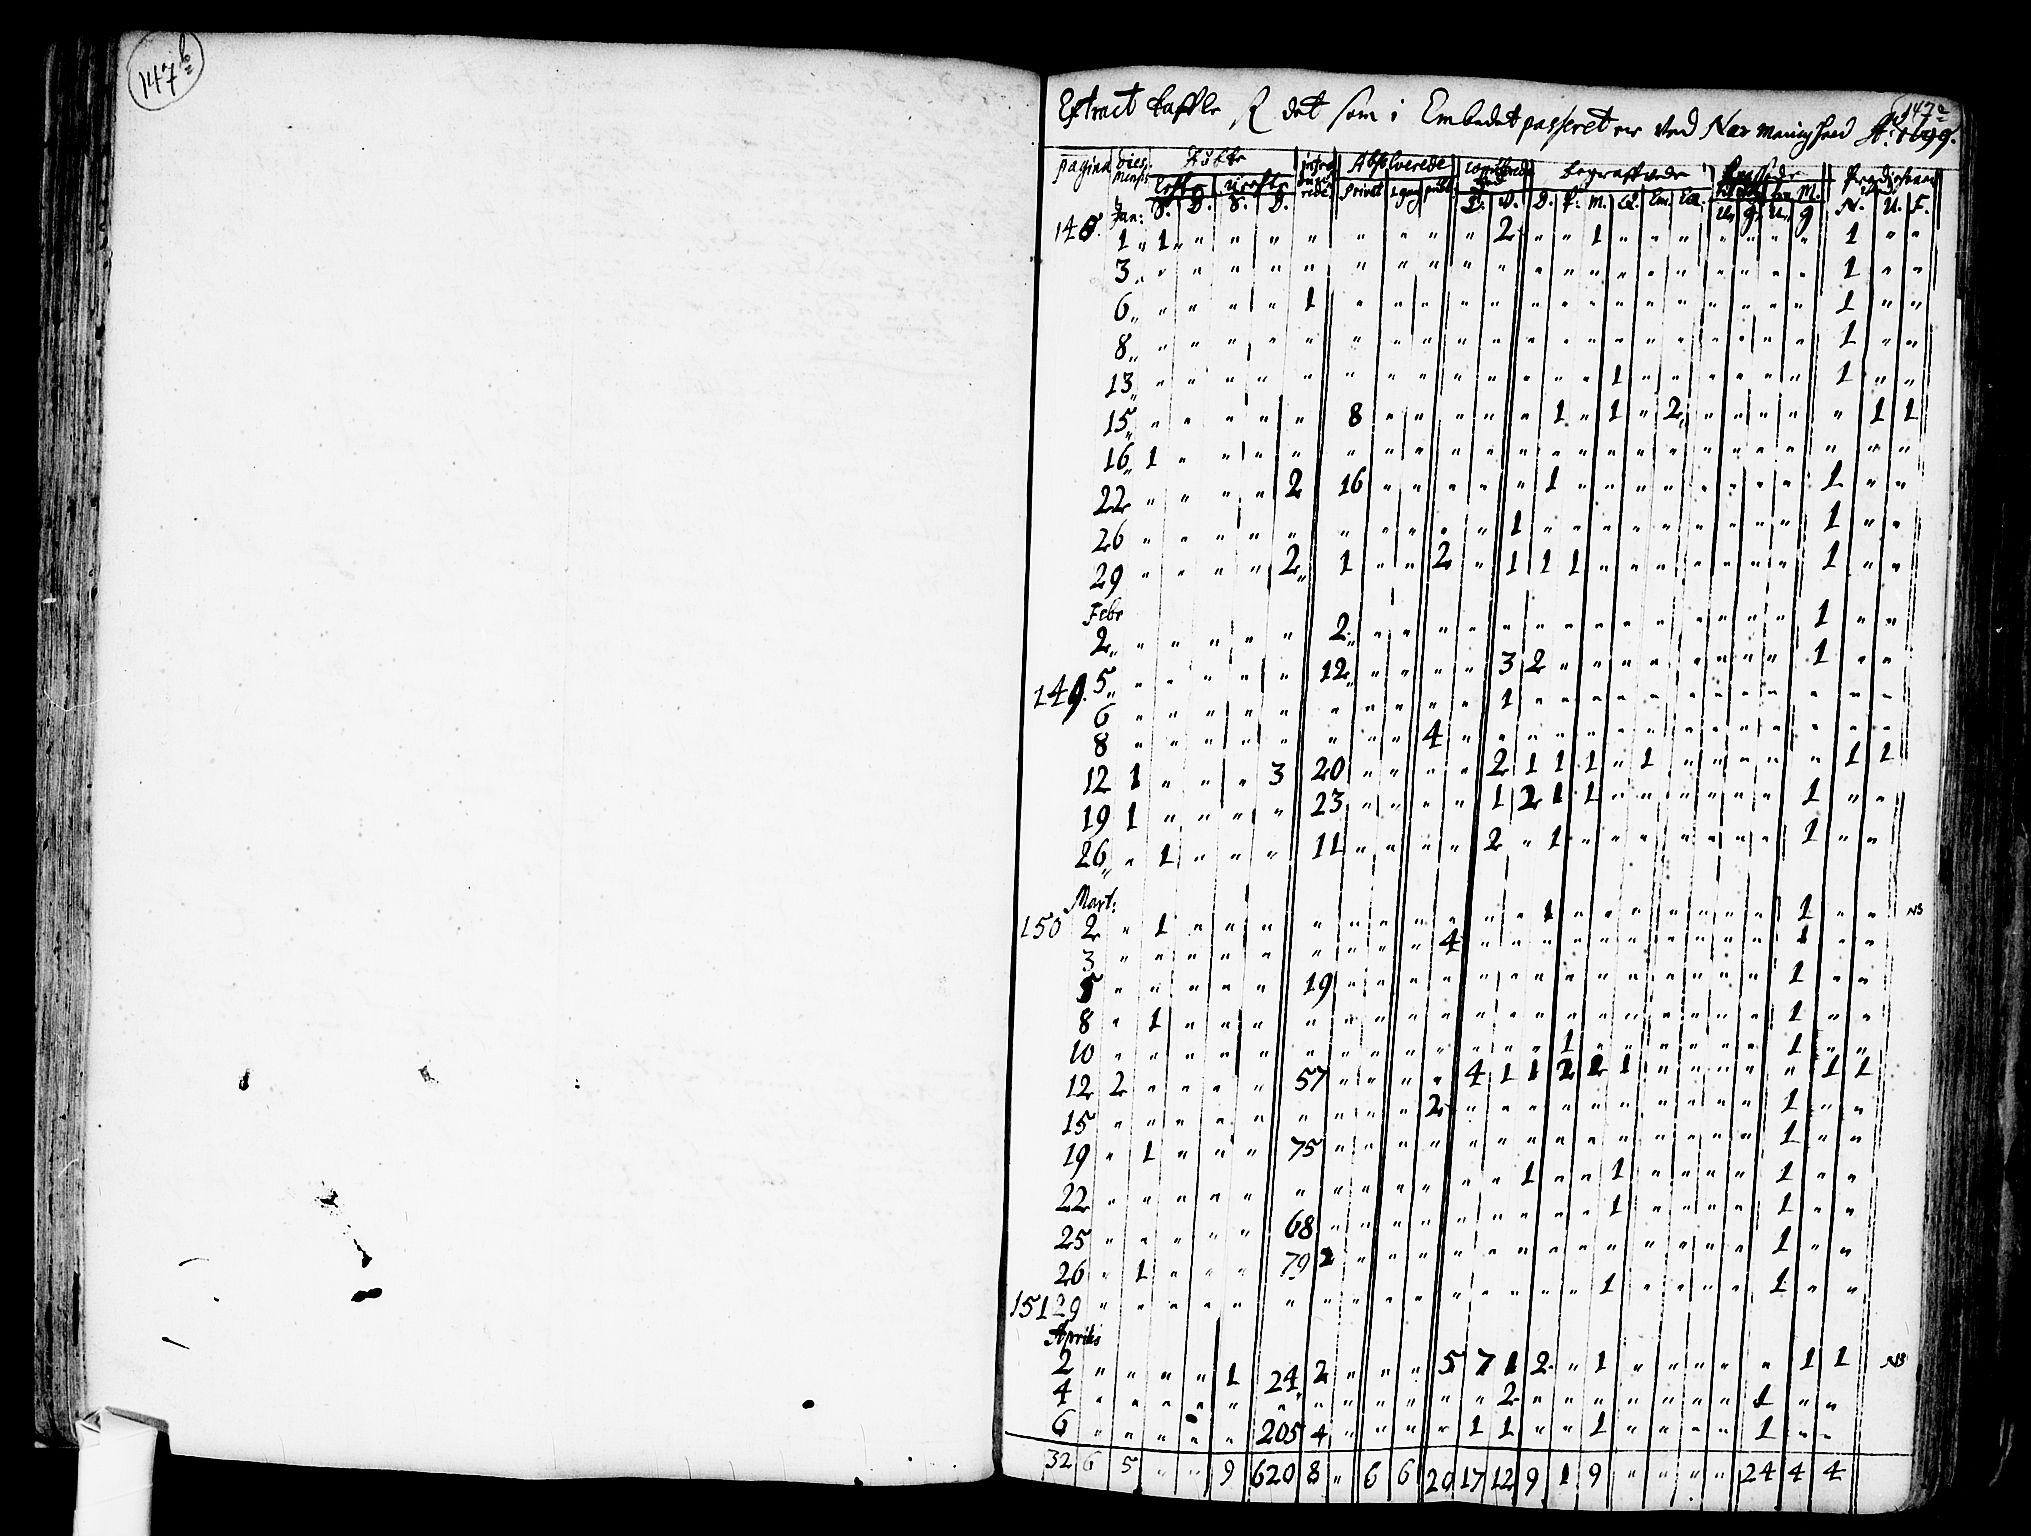 SAO, Nes prestekontor Kirkebøker, F/Fa/L0001: Ministerialbok nr. I 1, 1689-1716, s. 147b-147c